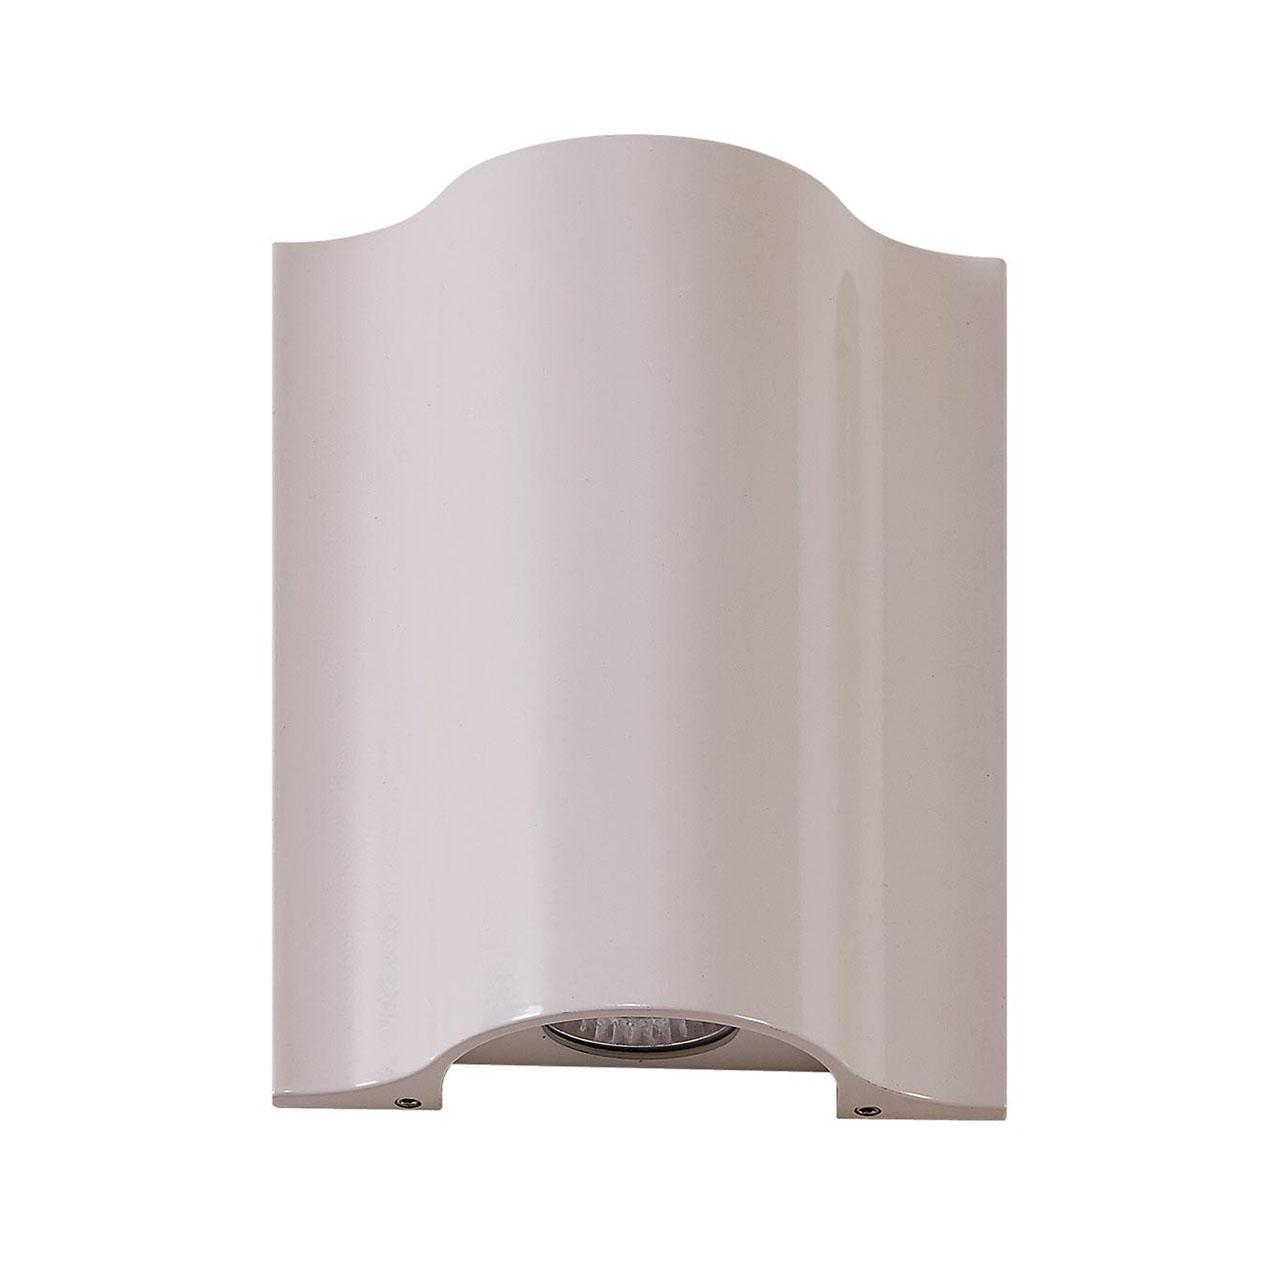 Настенный светодиодный светильник Citilux Декарт-9 CL704090 настенный светодиодный светильник citilux декарт 8 cl704080